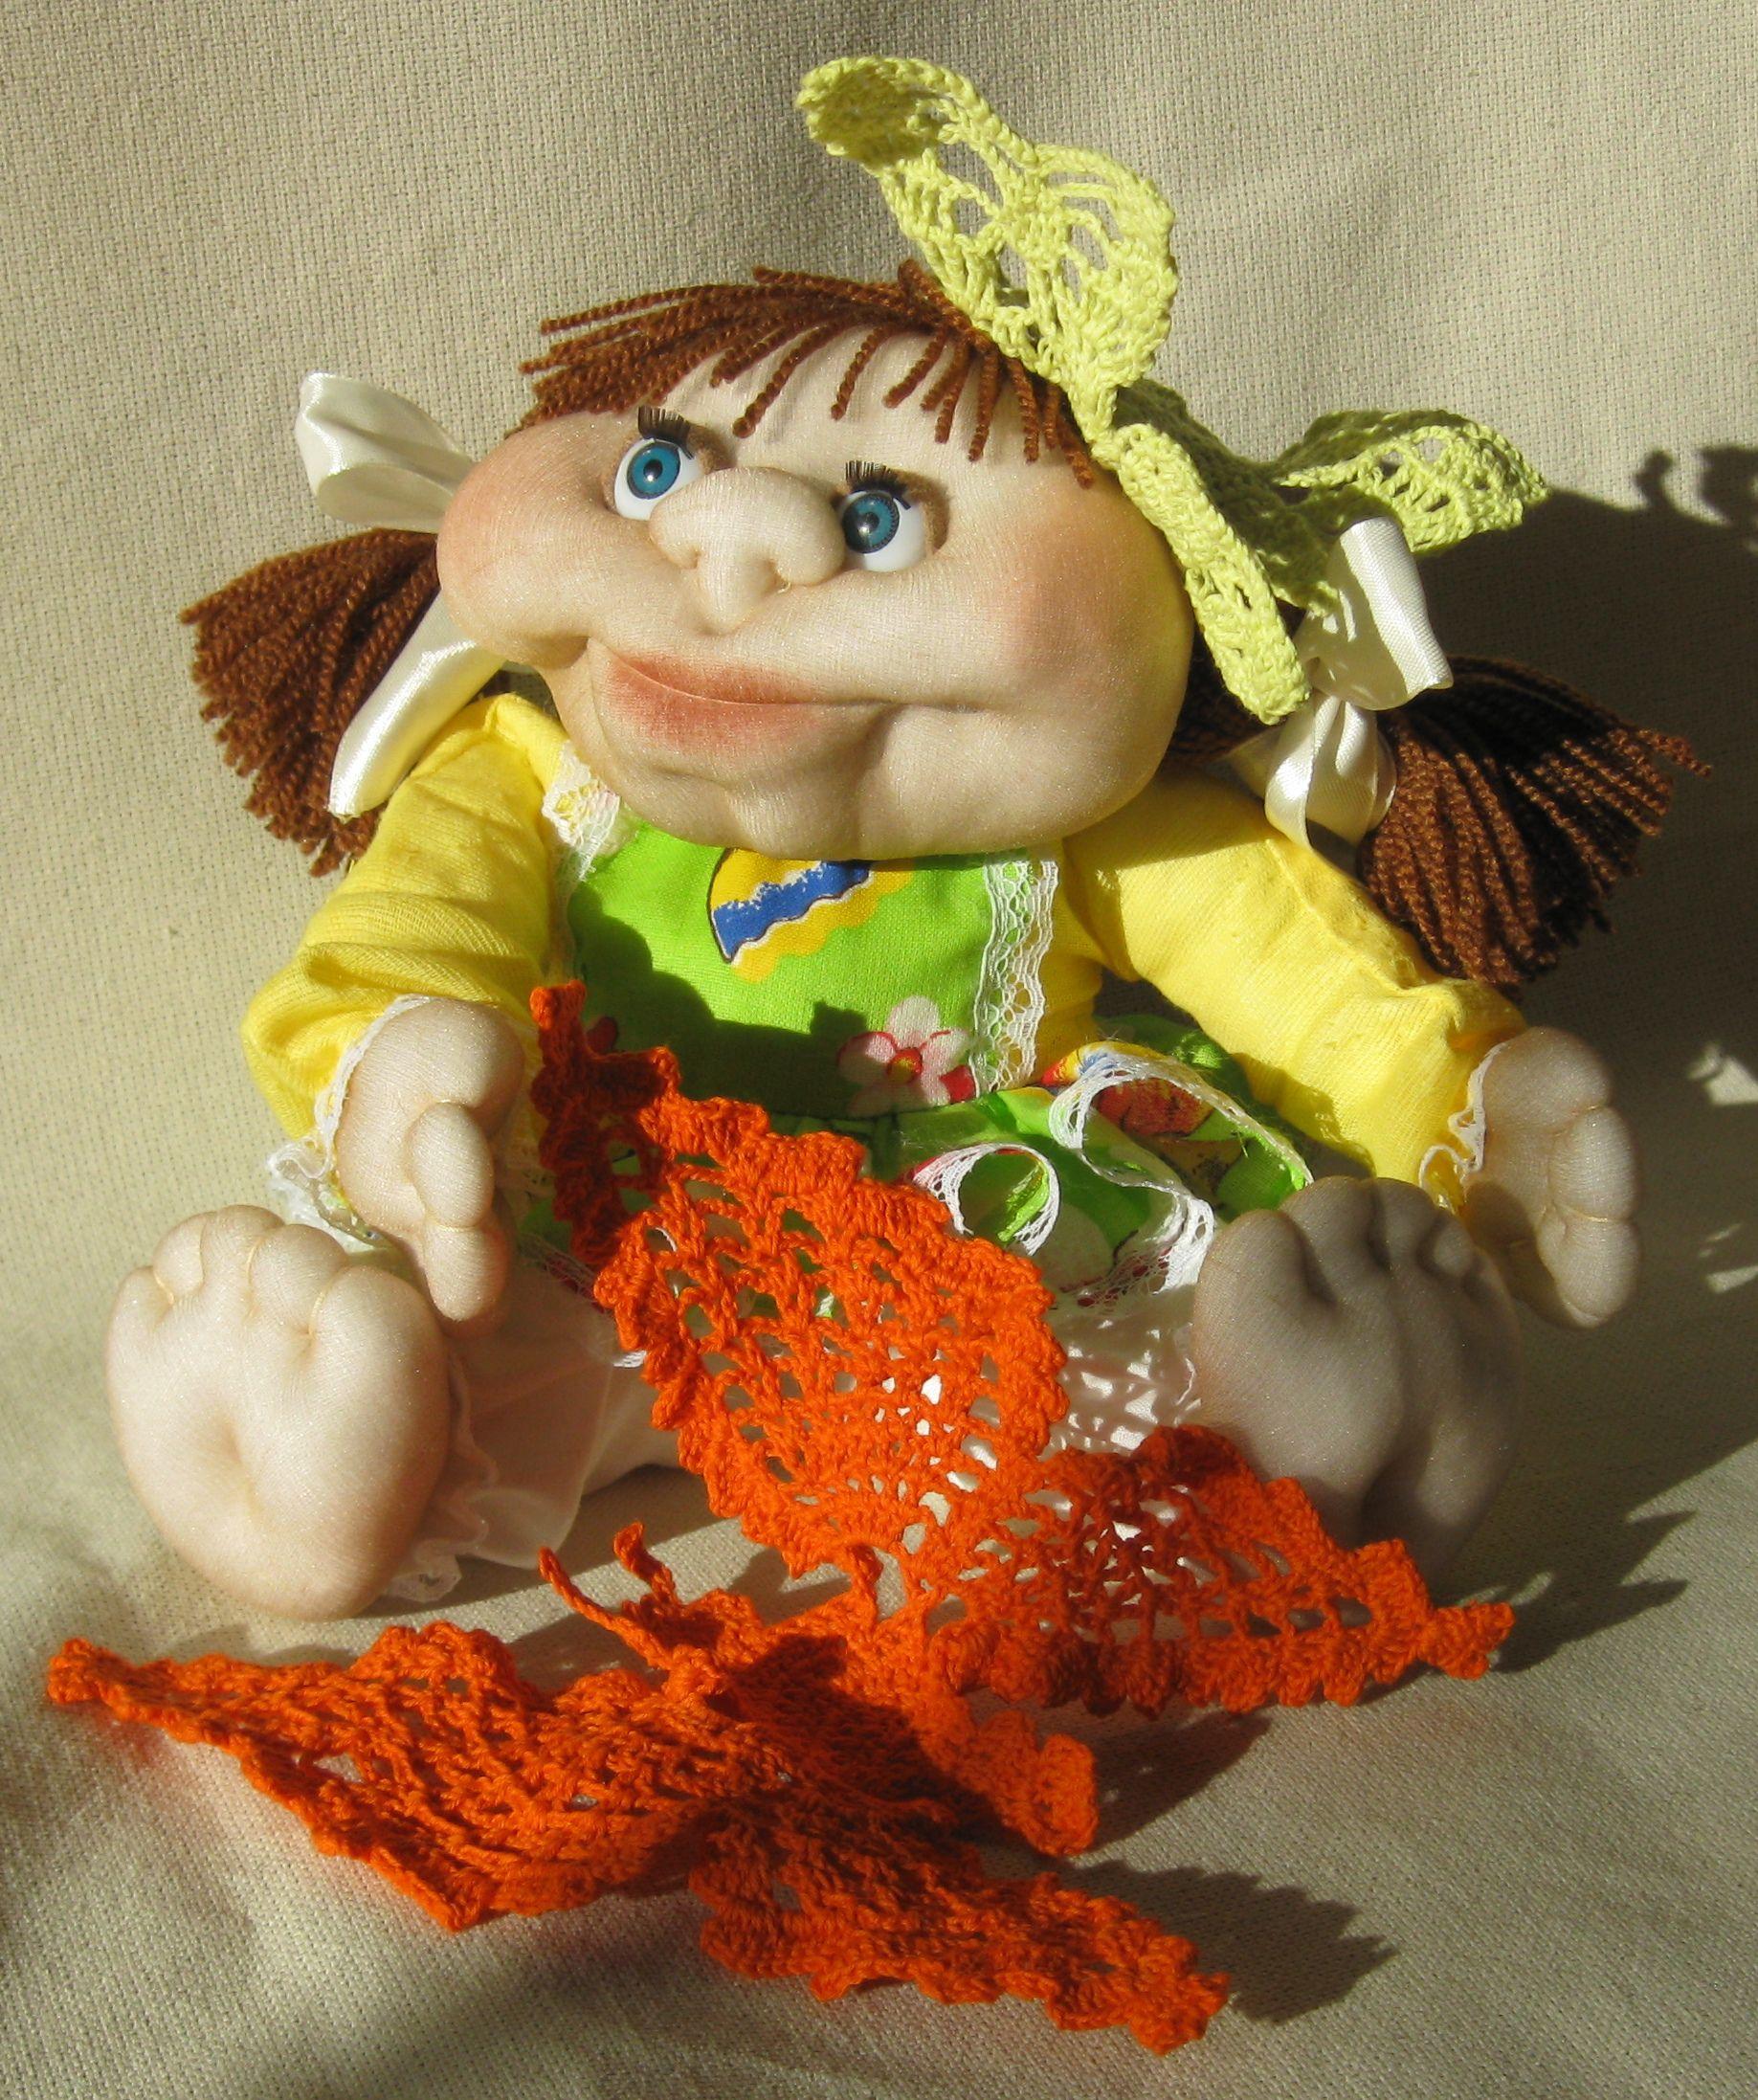 детский чулочнаятехника чулочнаякукла бабочка игрушкадевочка стиль вязанаябабочка разноцветный пупс девочкасбабочкой кукламалыш кукланаудачу коллекция подарокдевушке стильпрованс деревенский подарокженщине девочка текстильнаякукла оригинальный подарок